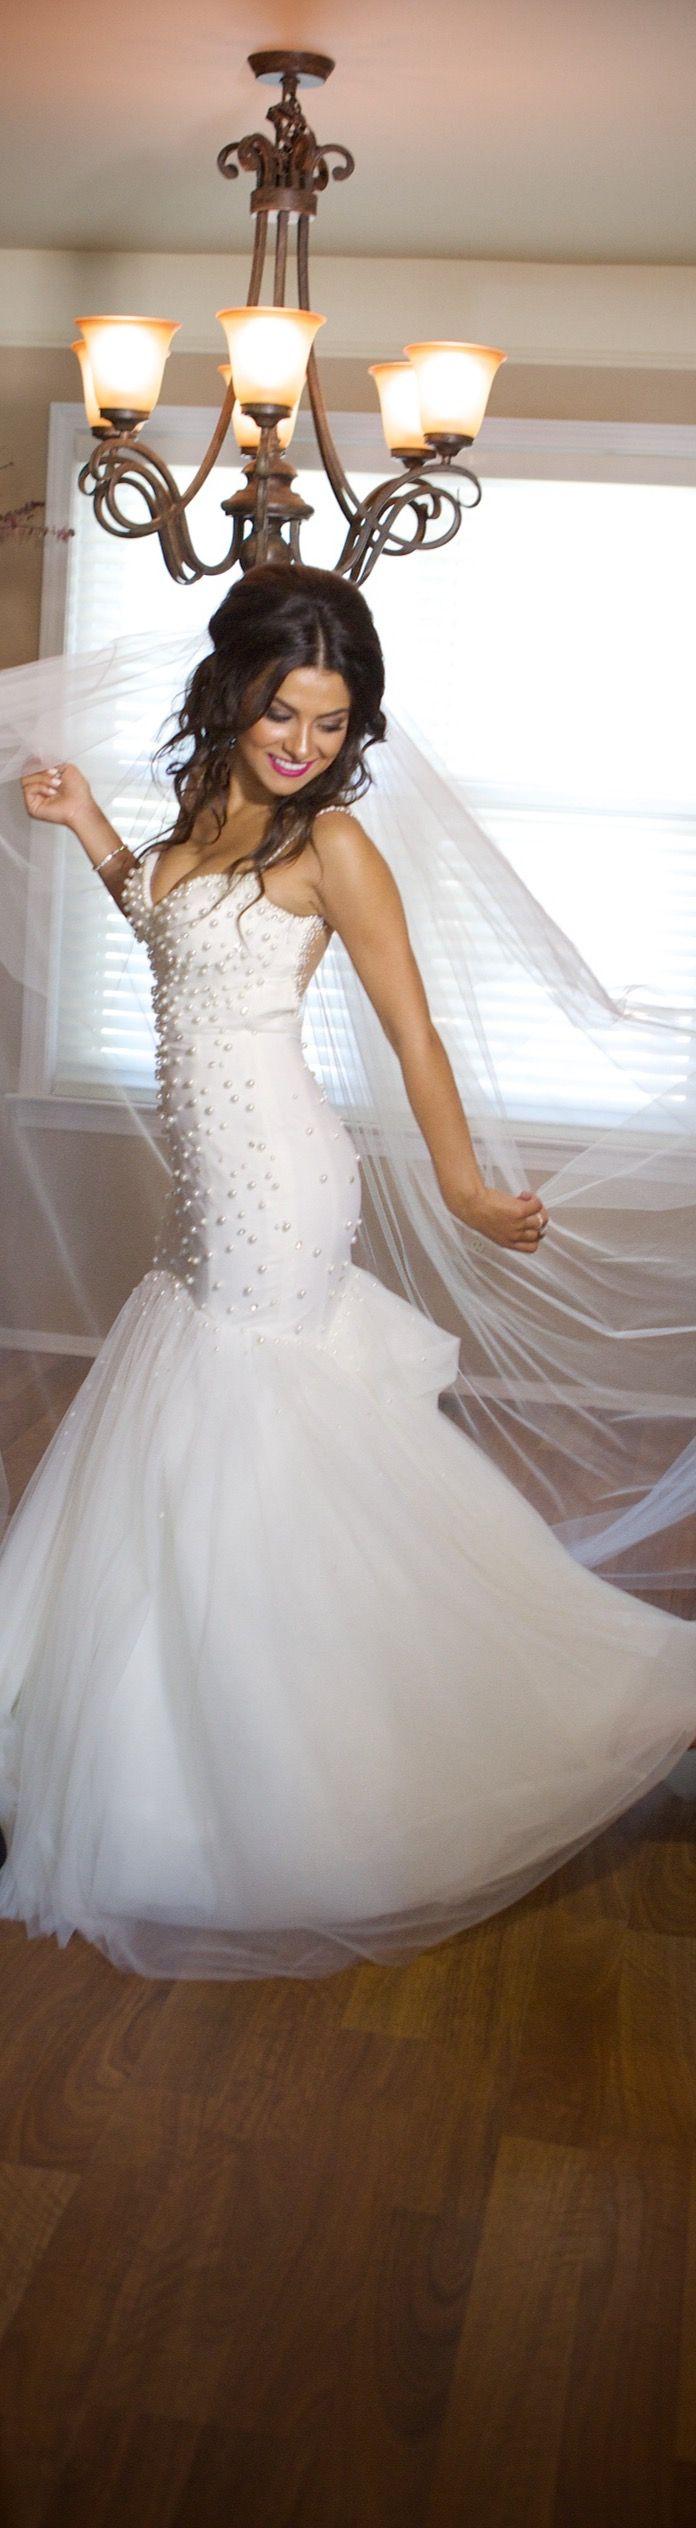 Galia Lahav Bride Suzy